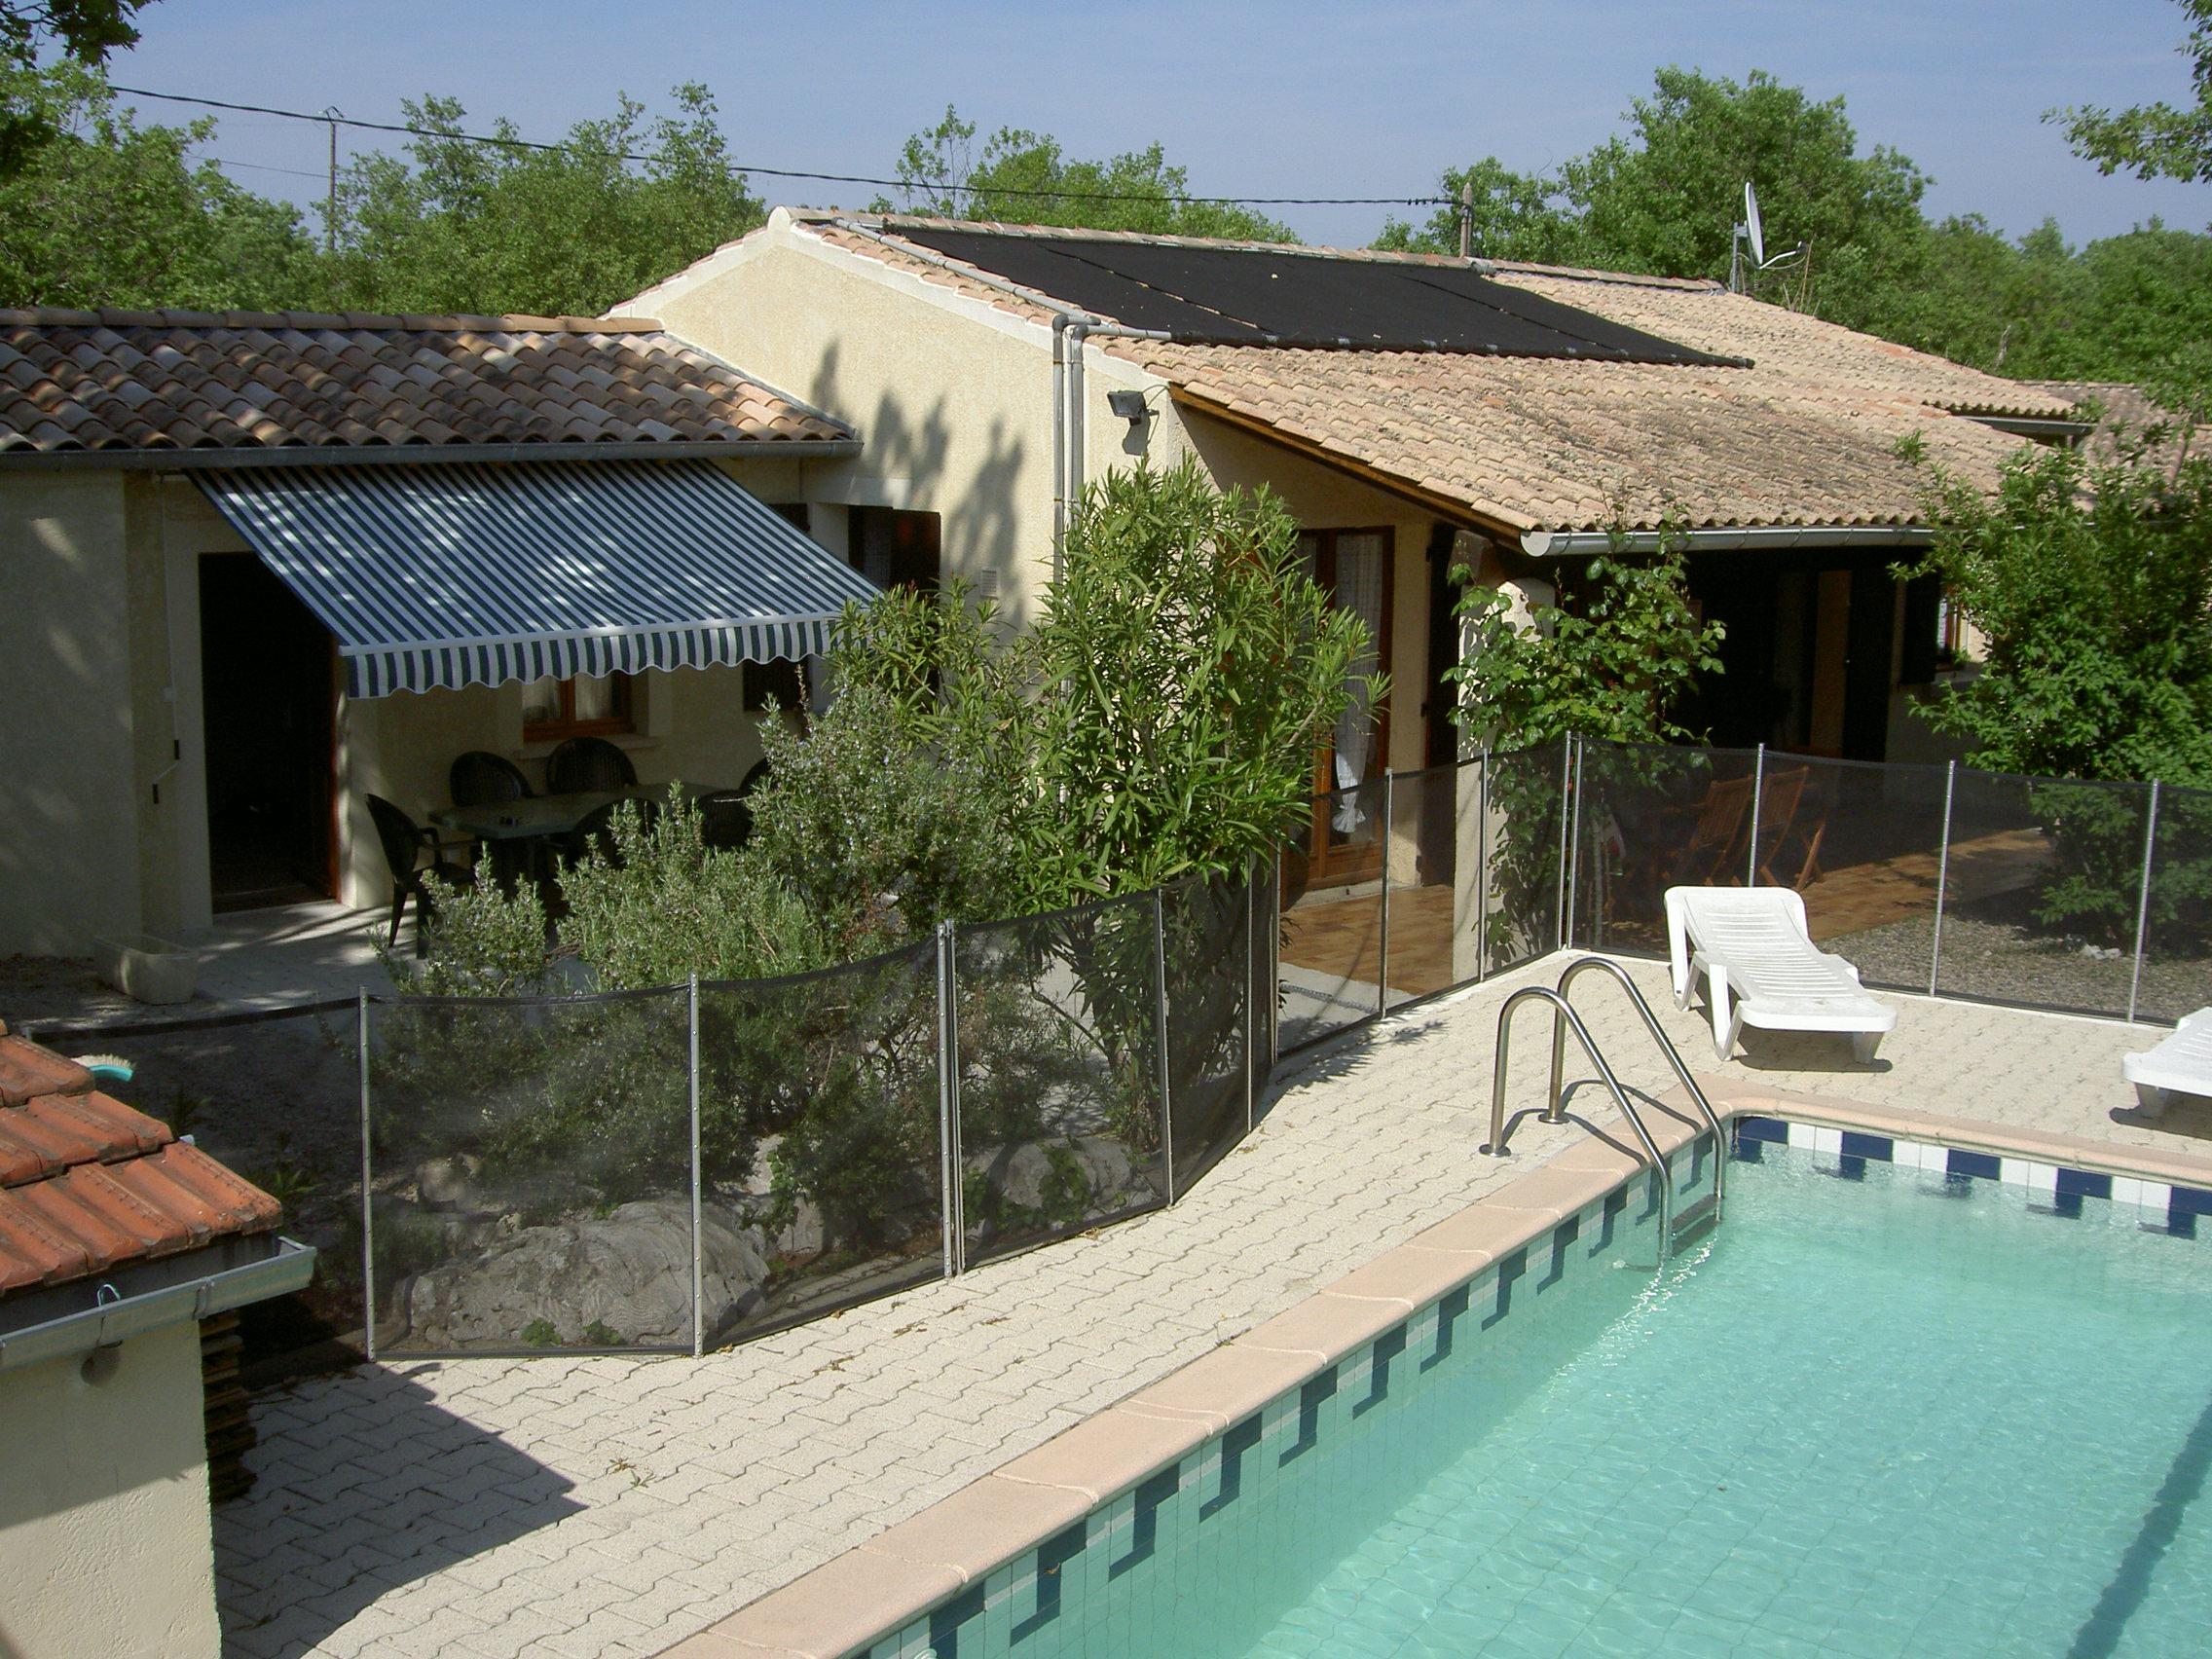 Location De Gîte Avec Piscine -Le Mas Dolder , Ardèche ... serapportantà Vacances En Ardèche Avec Piscine